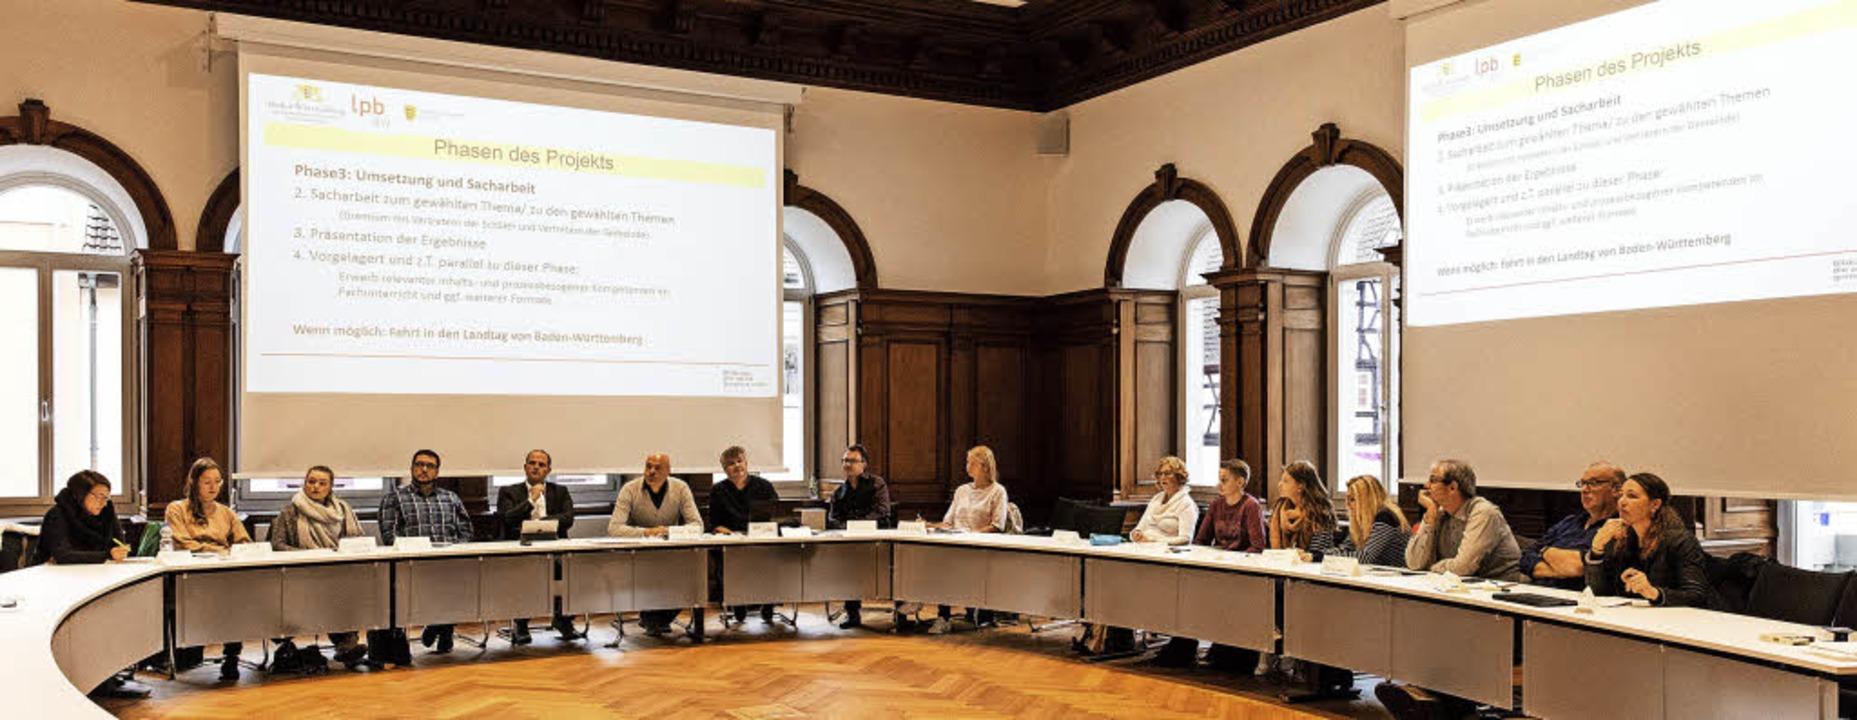 """In großer Runde wurde im Waldkircher R...Jugendbeteiligung"""" vorgestellt.     Foto: Gabriele Zahn"""